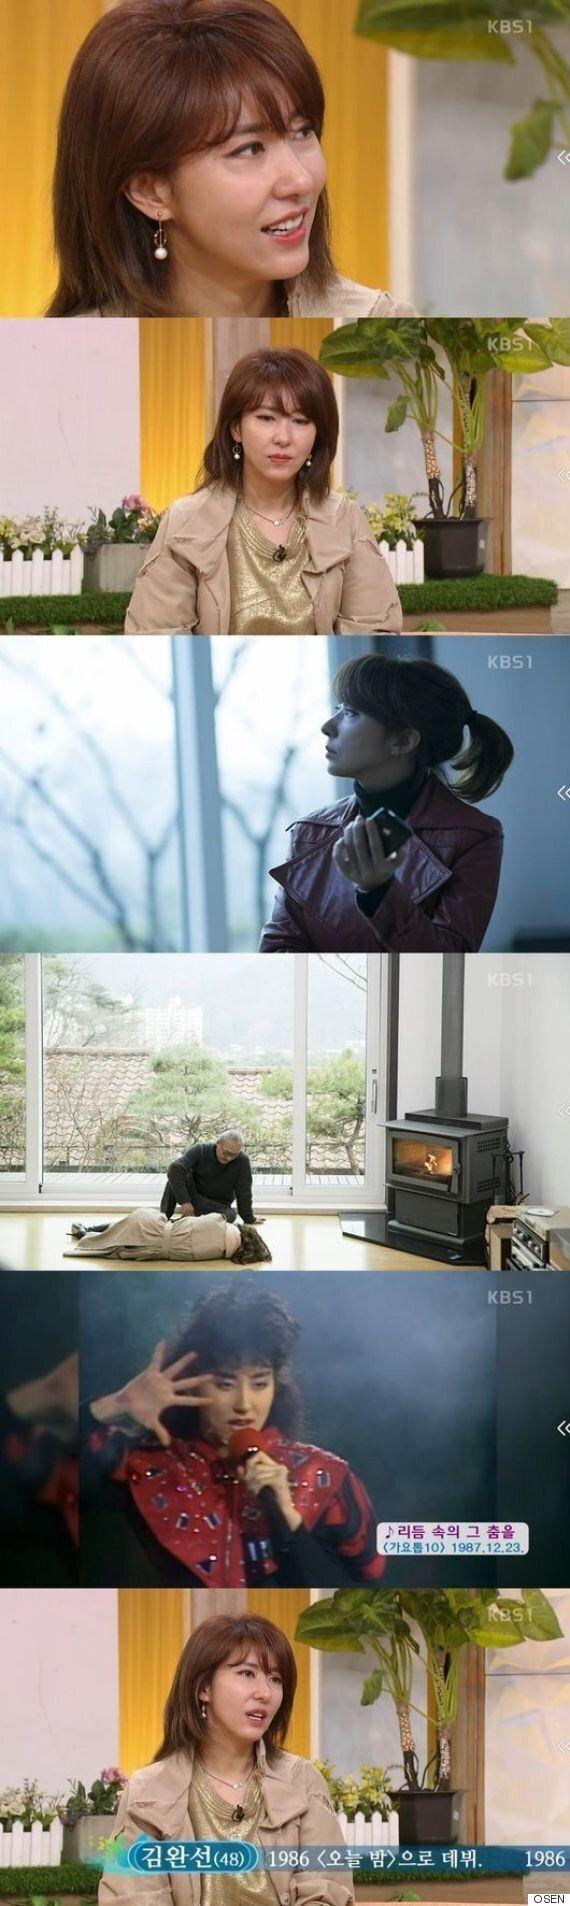 김완선이 밝힌 #영화데뷔 #연애史